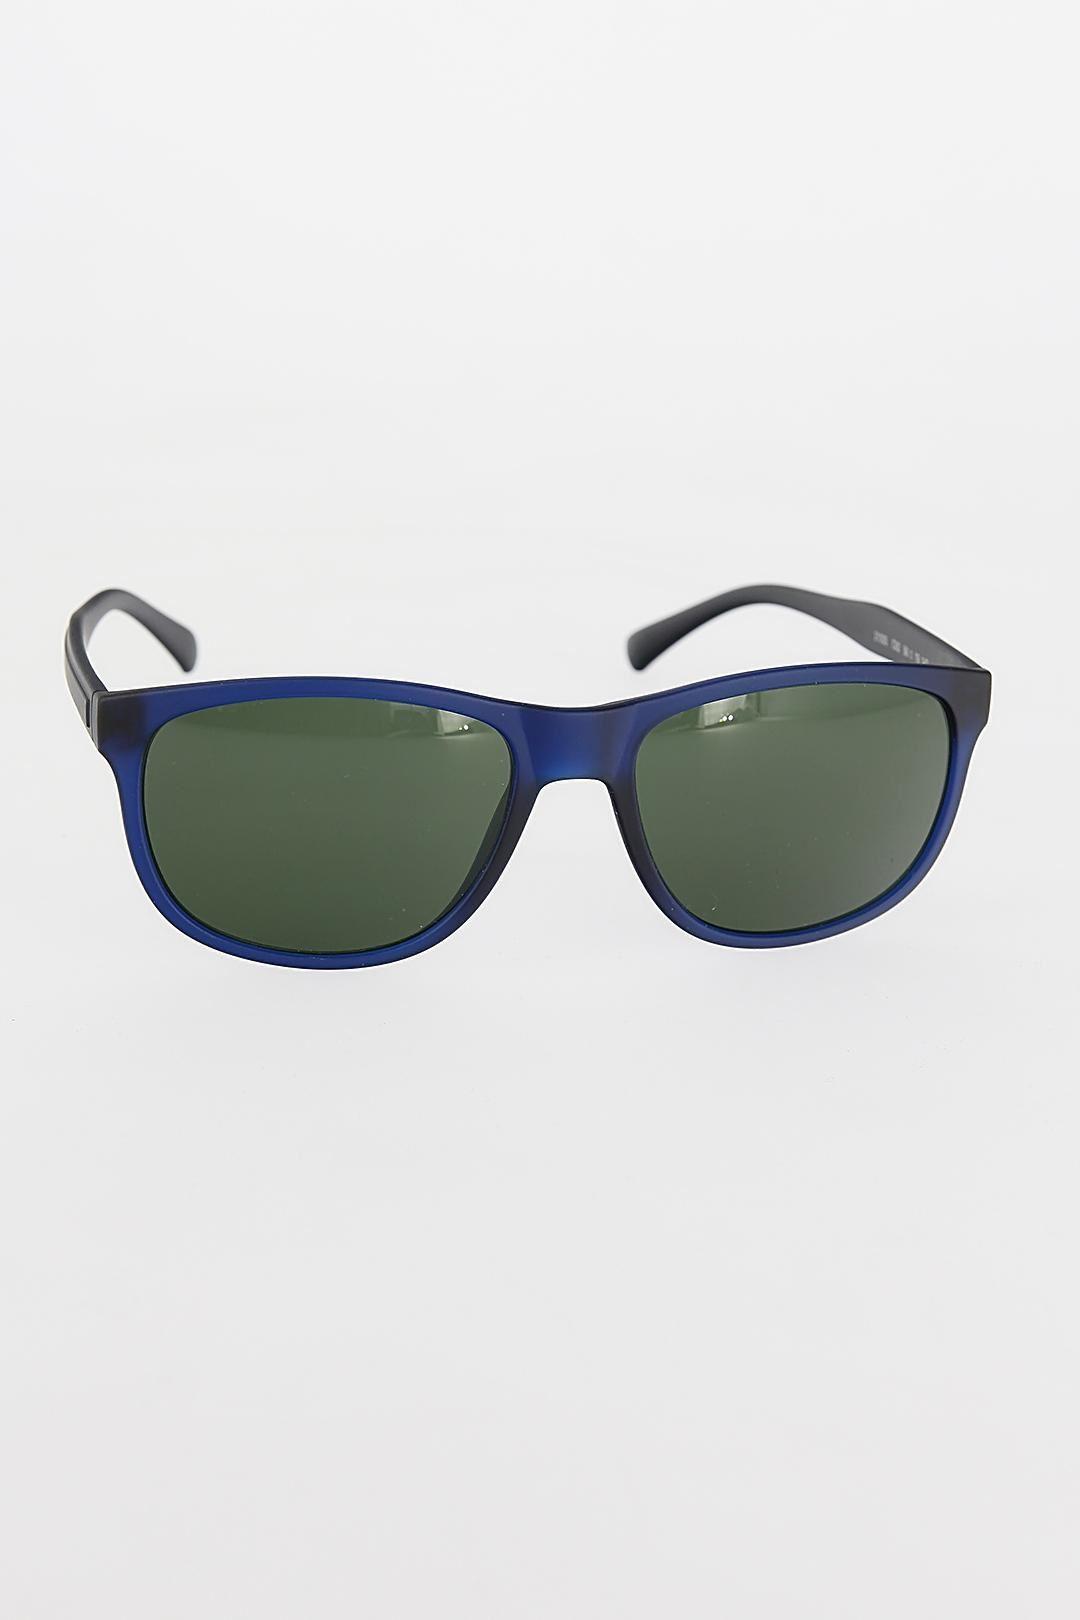 Lacivert Renk Çerçeveli Yeşil Camlı Erkek Güneş Gözlüğü